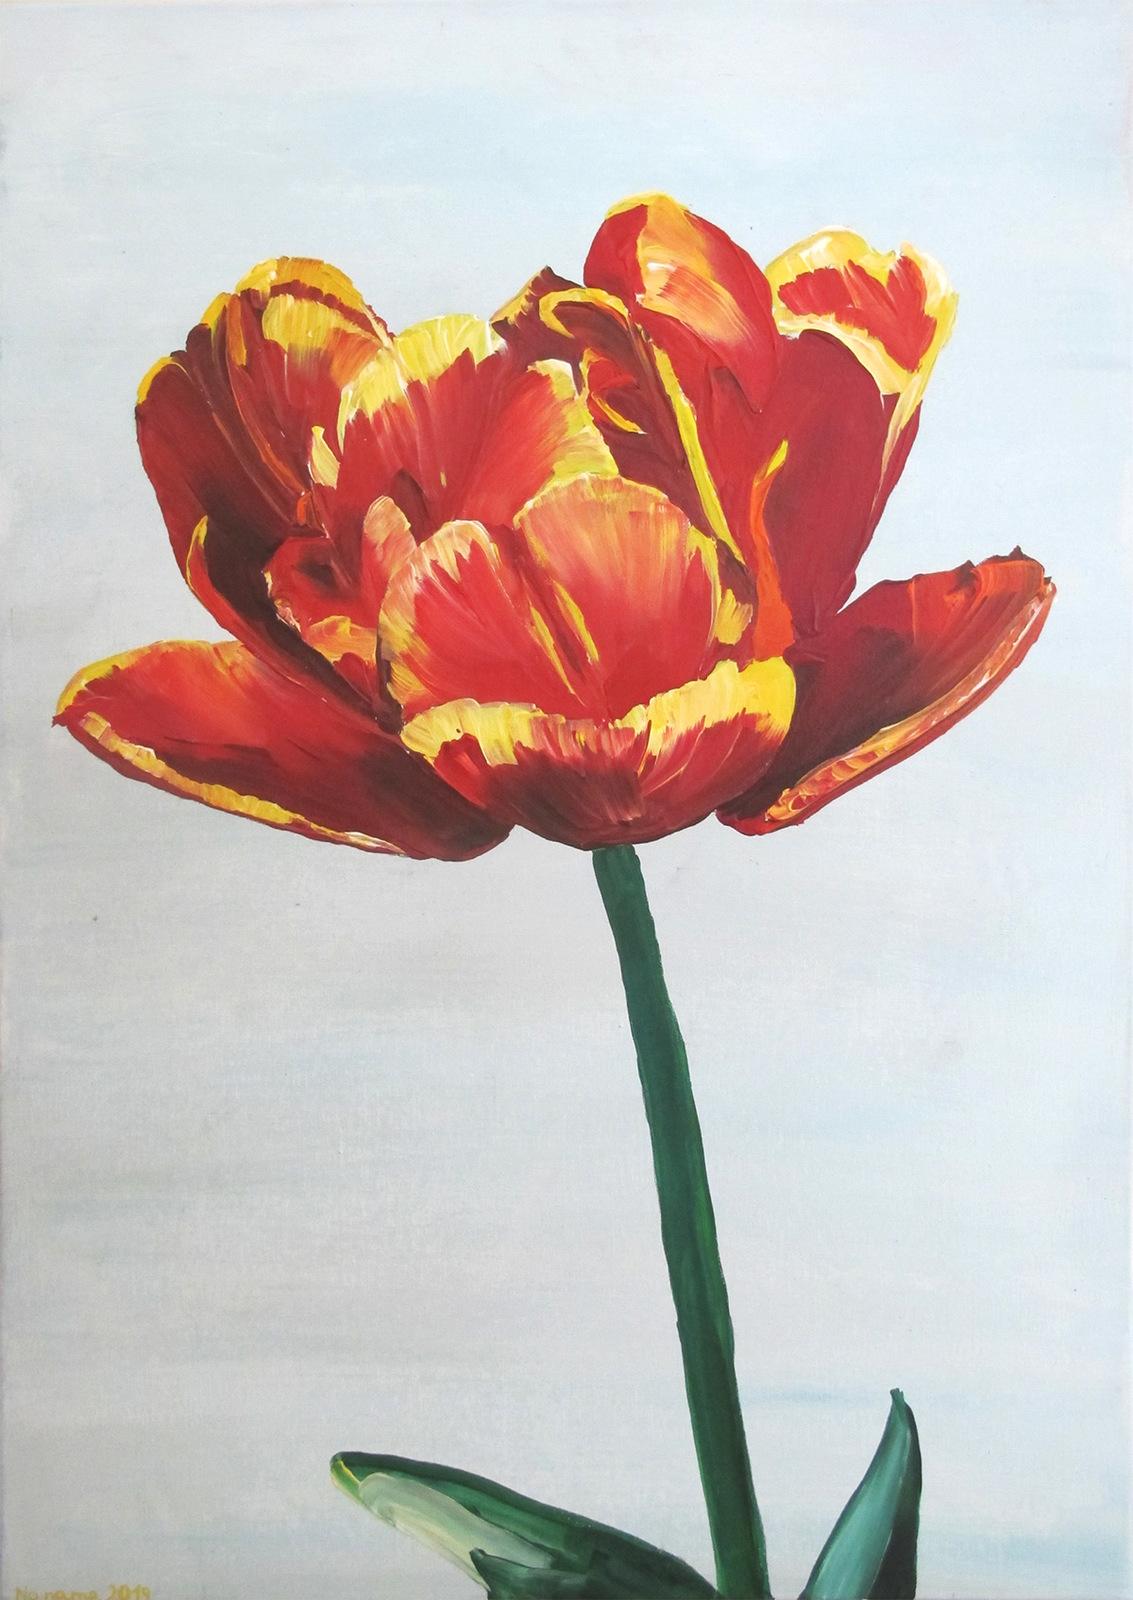 90. Tulipan 41, 2019